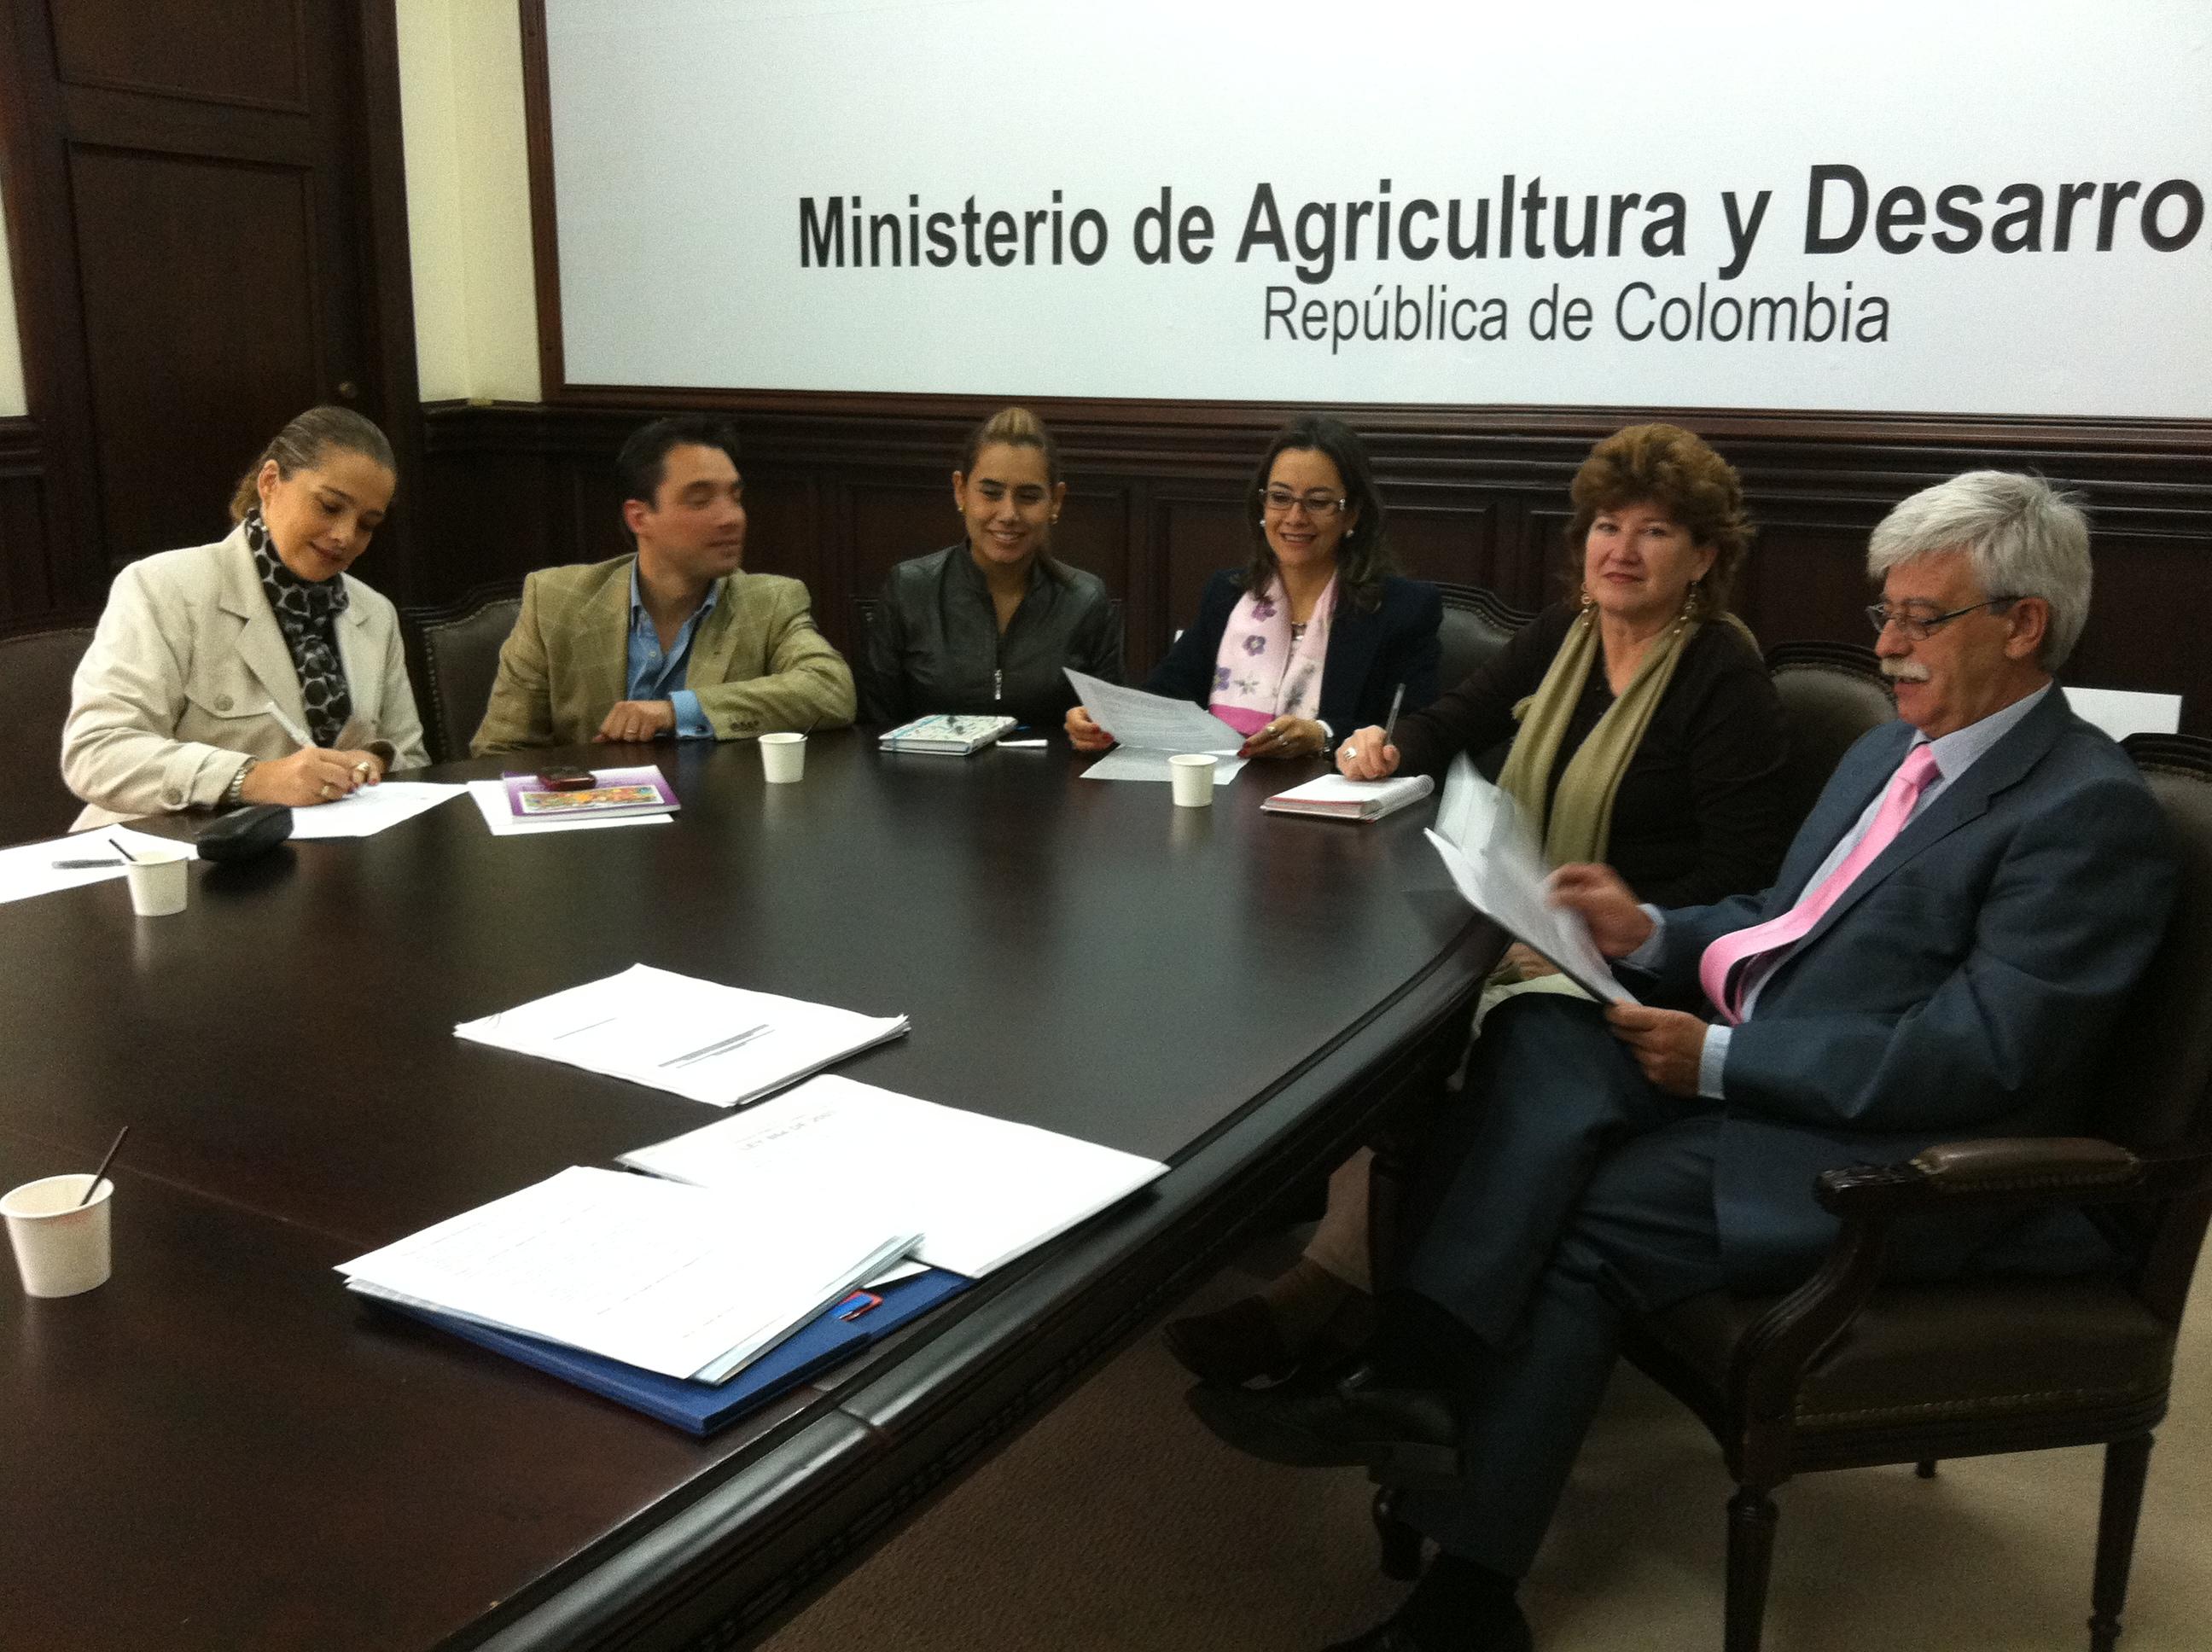 Reunio_Min_agricultura_Dra_Gina_D_Eladio.jpg